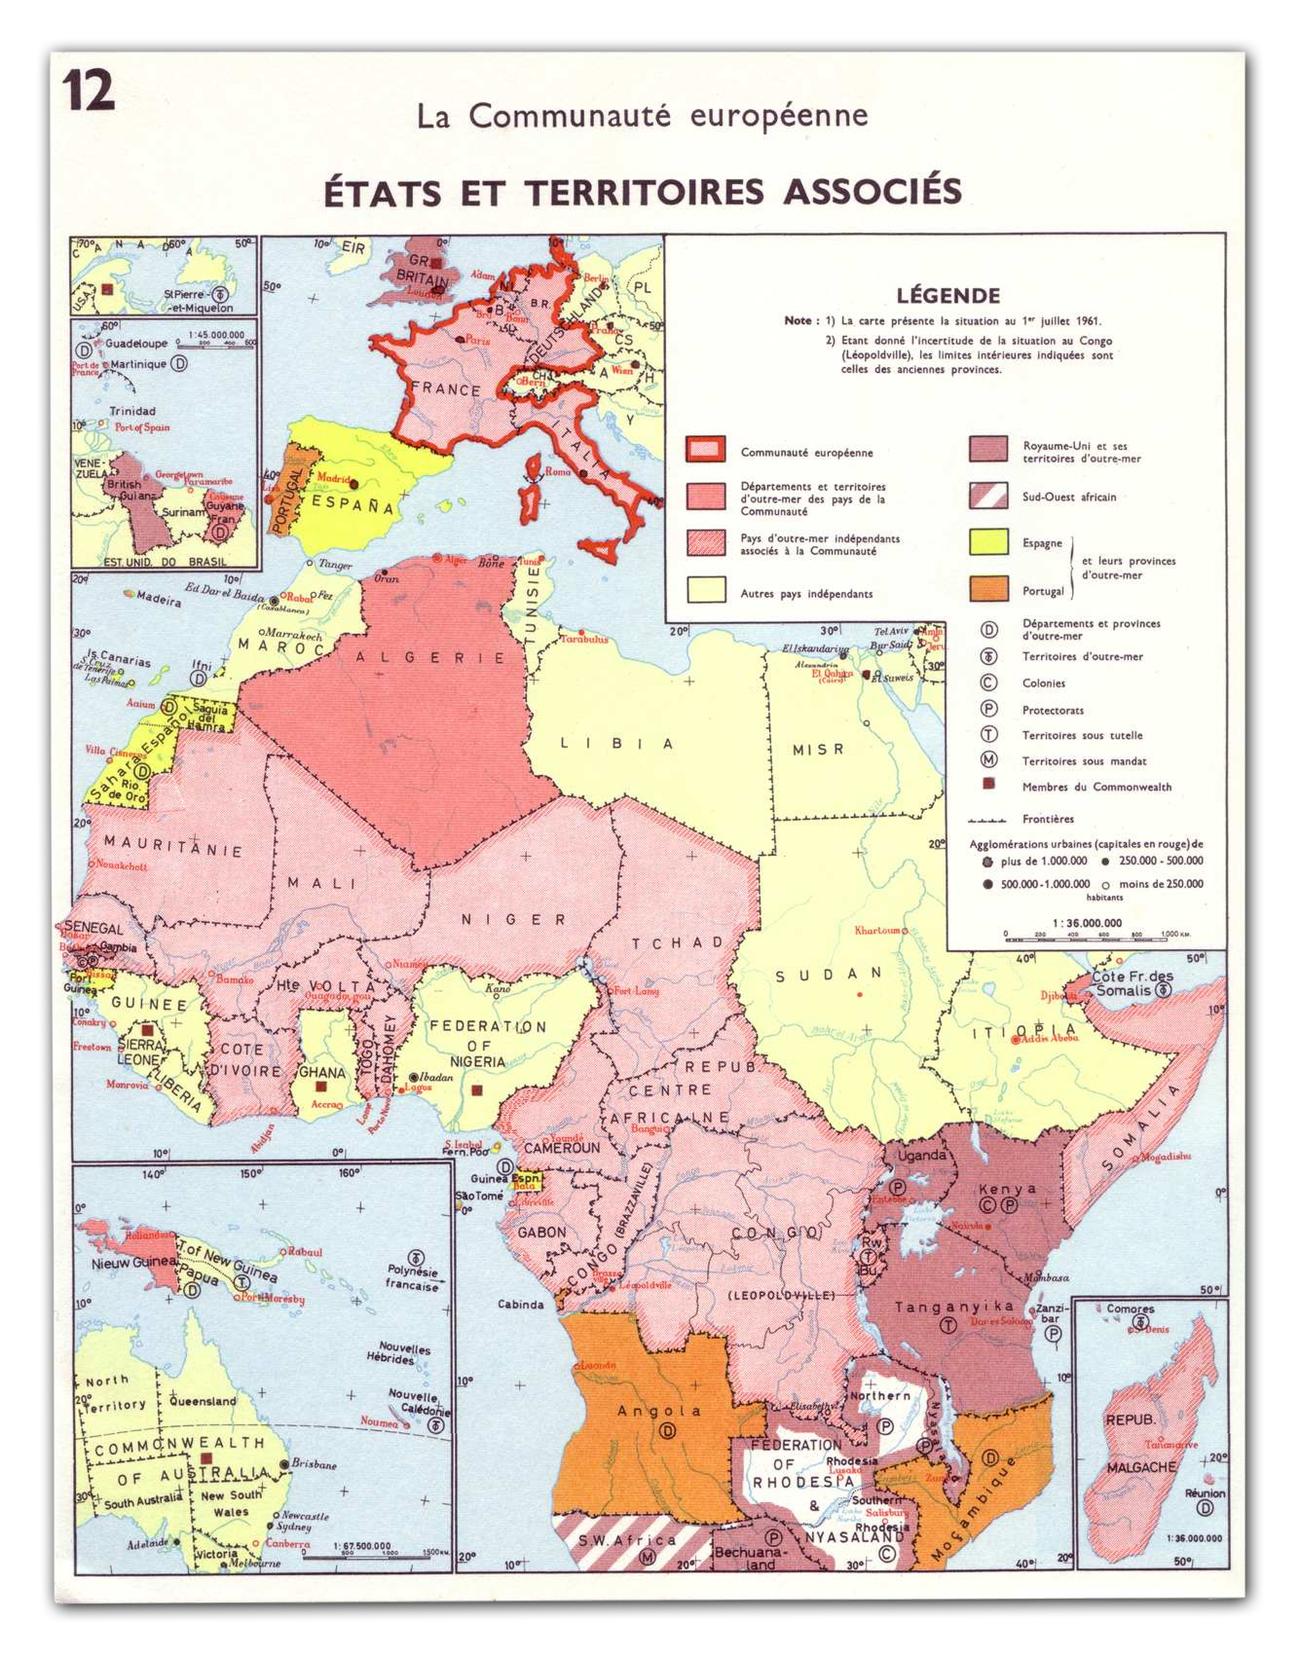 Carte Des Six Et Des Pays Et Territoires D'outre-Mer (Ptom concernant Département D Outre Mer Carte